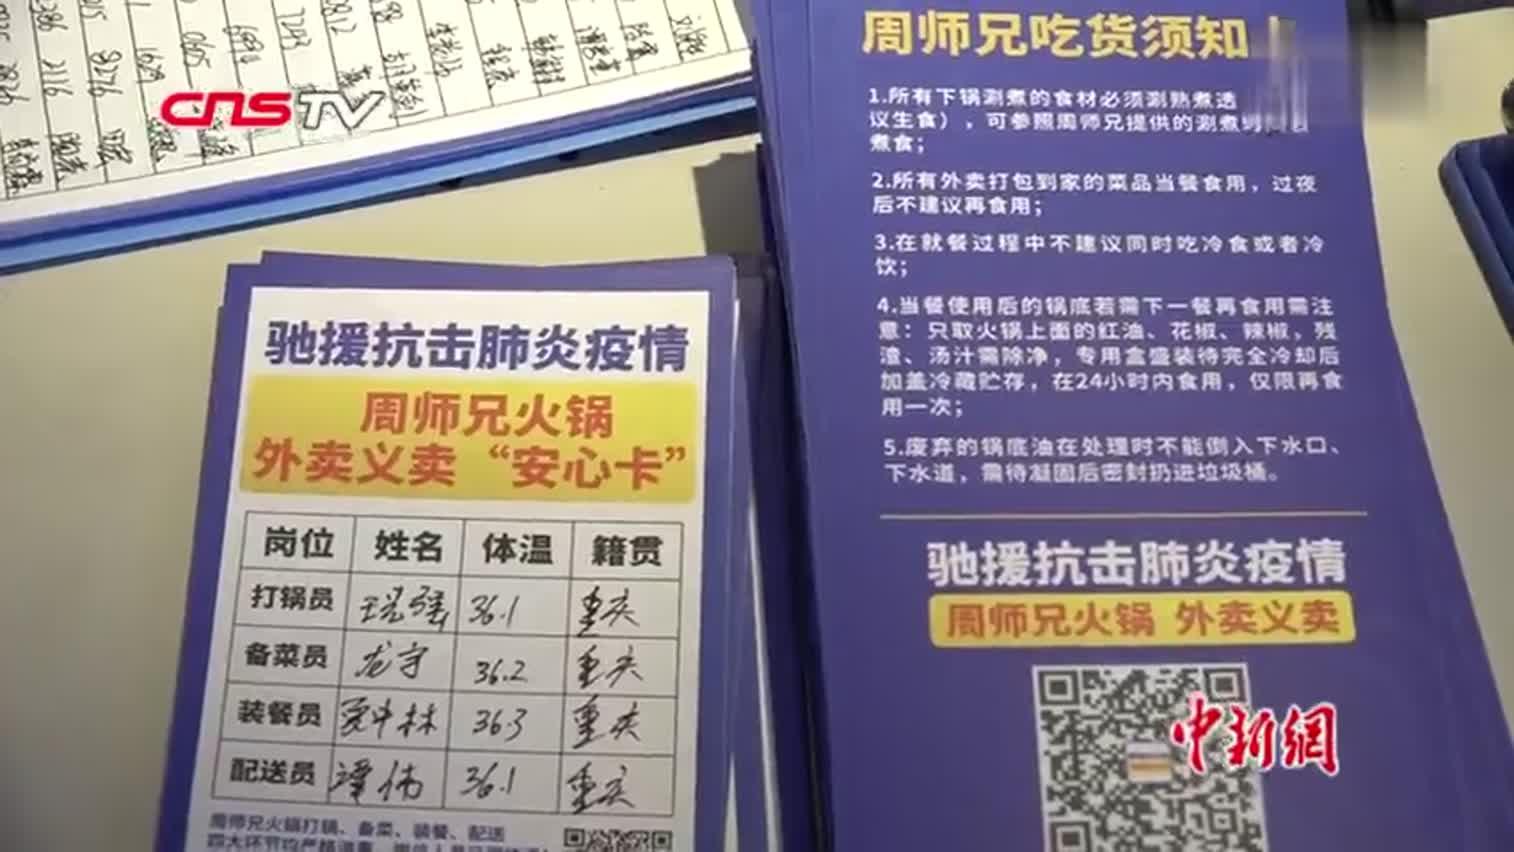 视频-零接触火锅外卖火了!重庆人3天点了1万单火